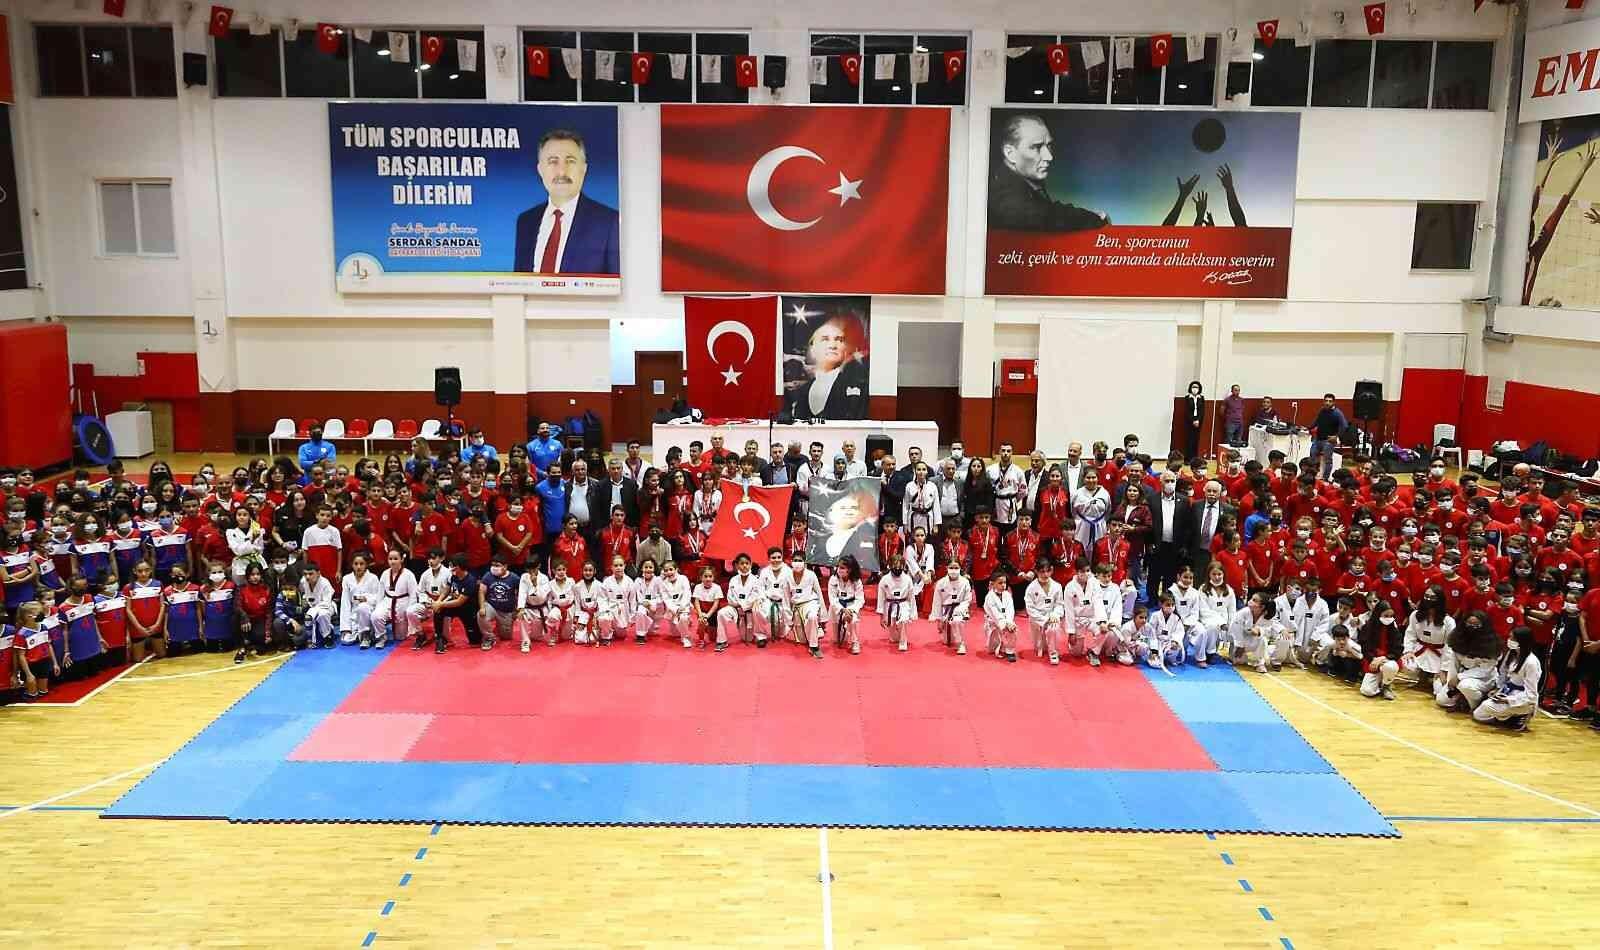 Bayraklı'da kış spor okulları coşkuyla açıldı